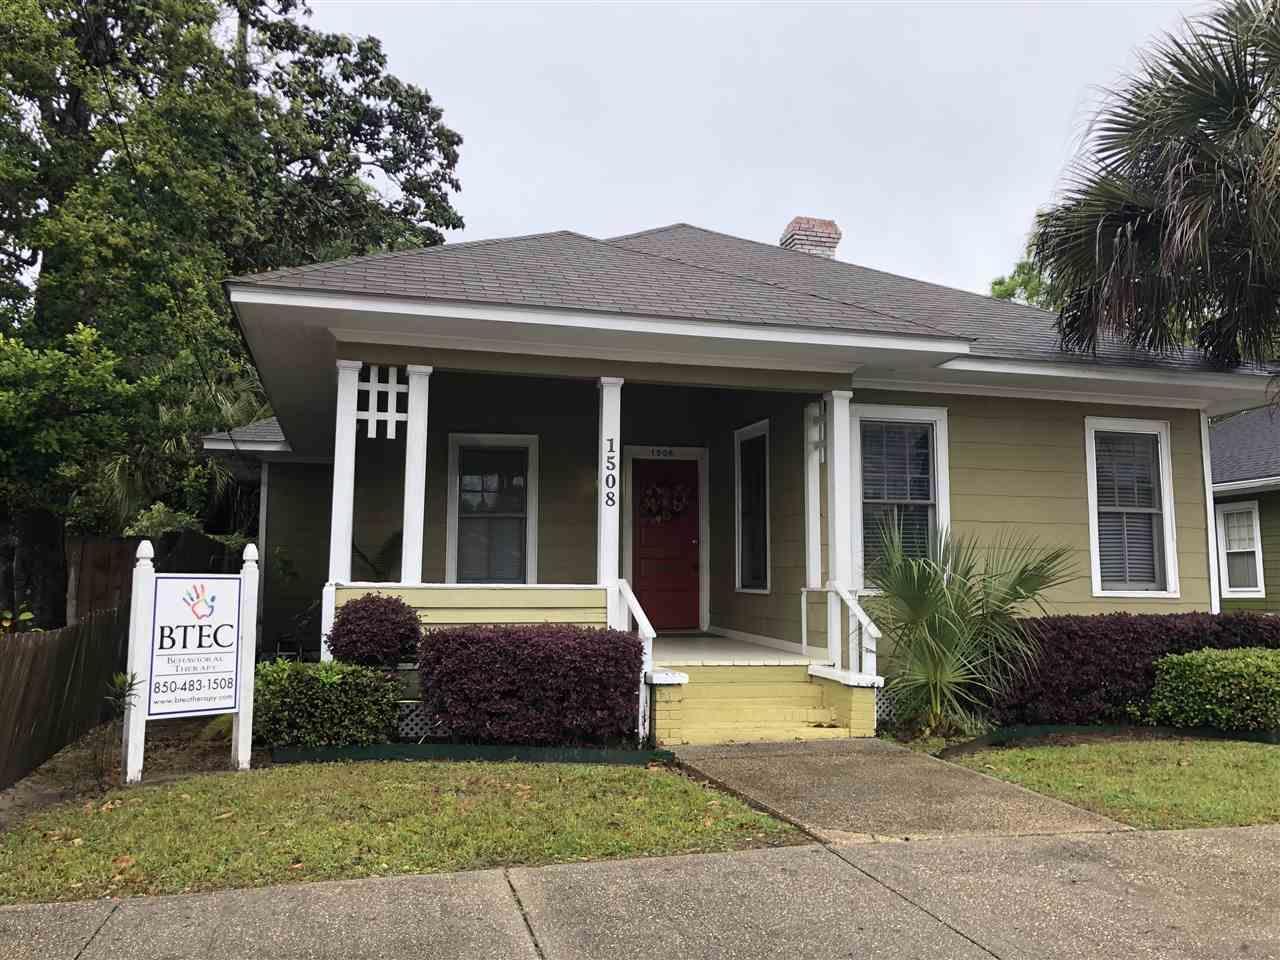 1508 W GARDEN ST, Pensacola, Florida